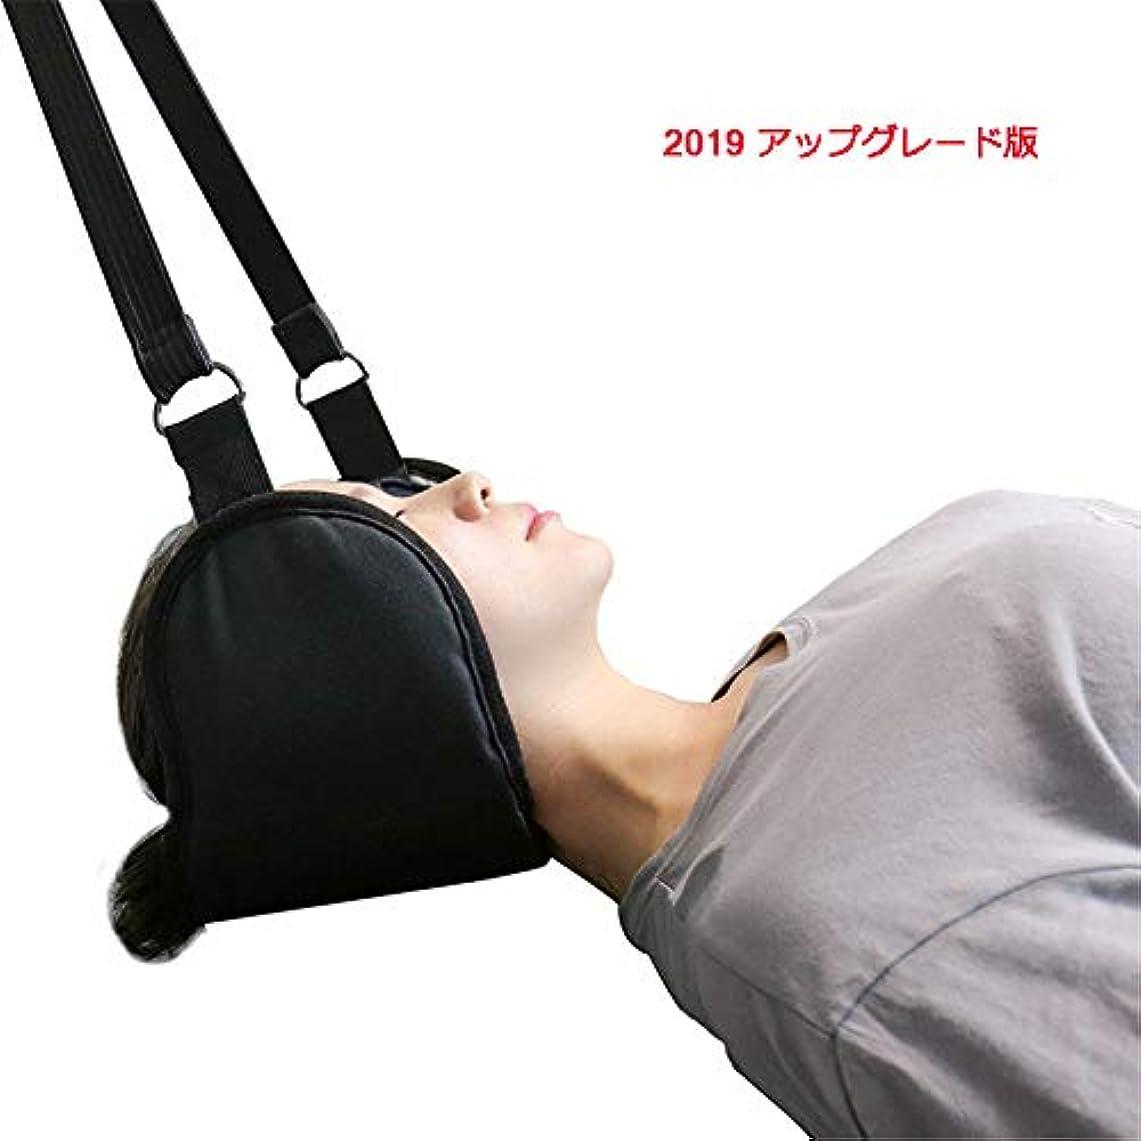 振り向く天もっと少なく2代目ポータブル首の痛みを緩和リラックスネックハンモックマッサージャー泡昼寝睡眠枕クッション用ホームオフィスジム